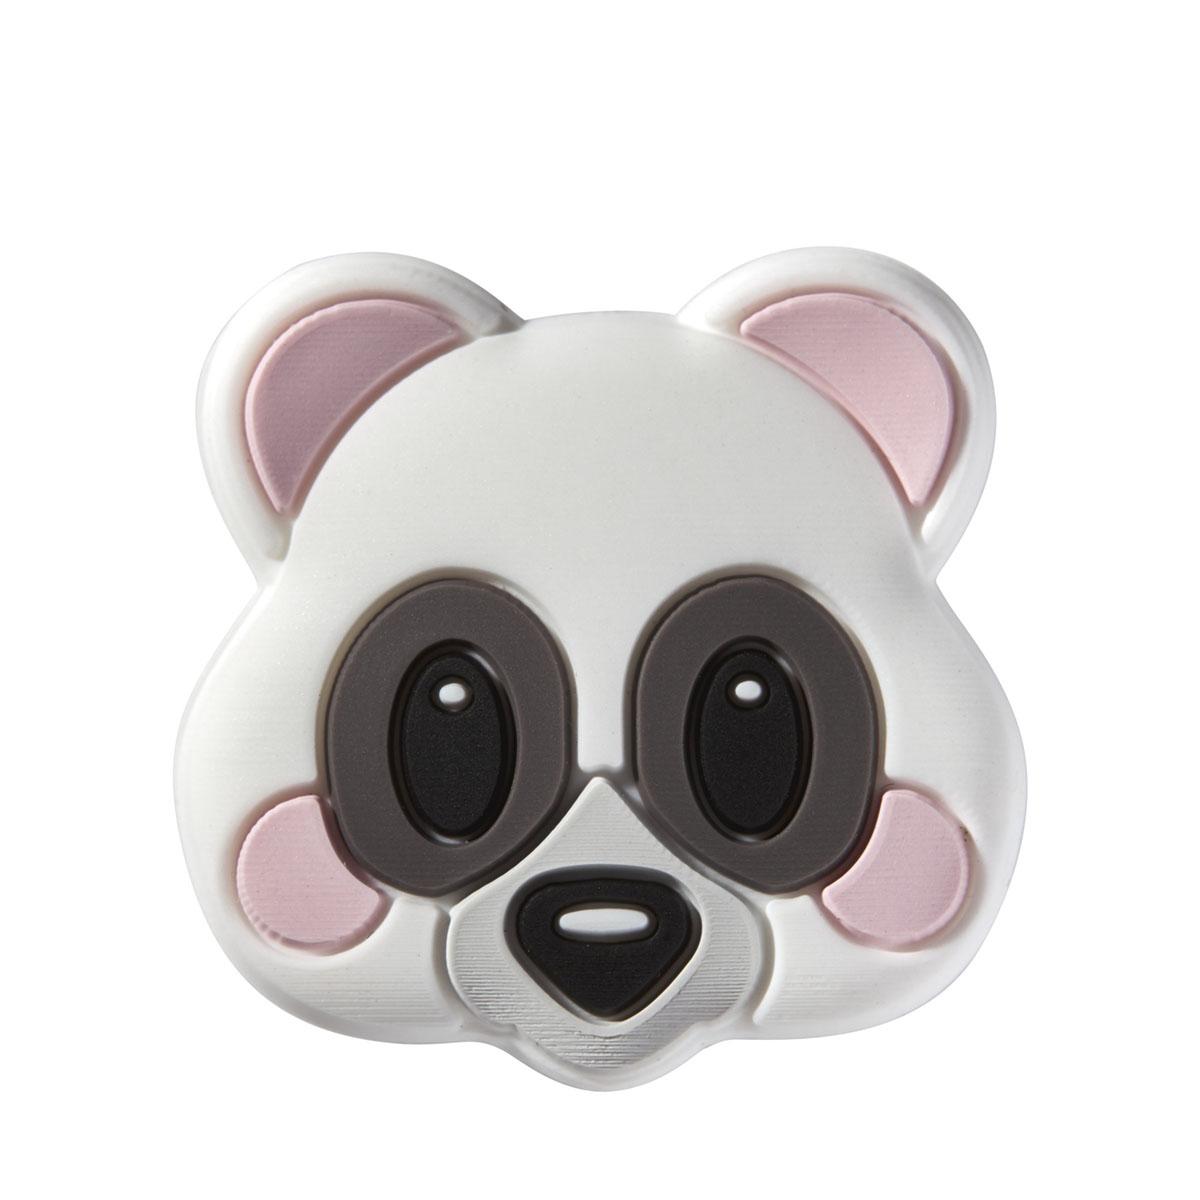 WR8405001_1_Animal_Dampener_Box_Panda.png.cq5dam.web.2000.2000